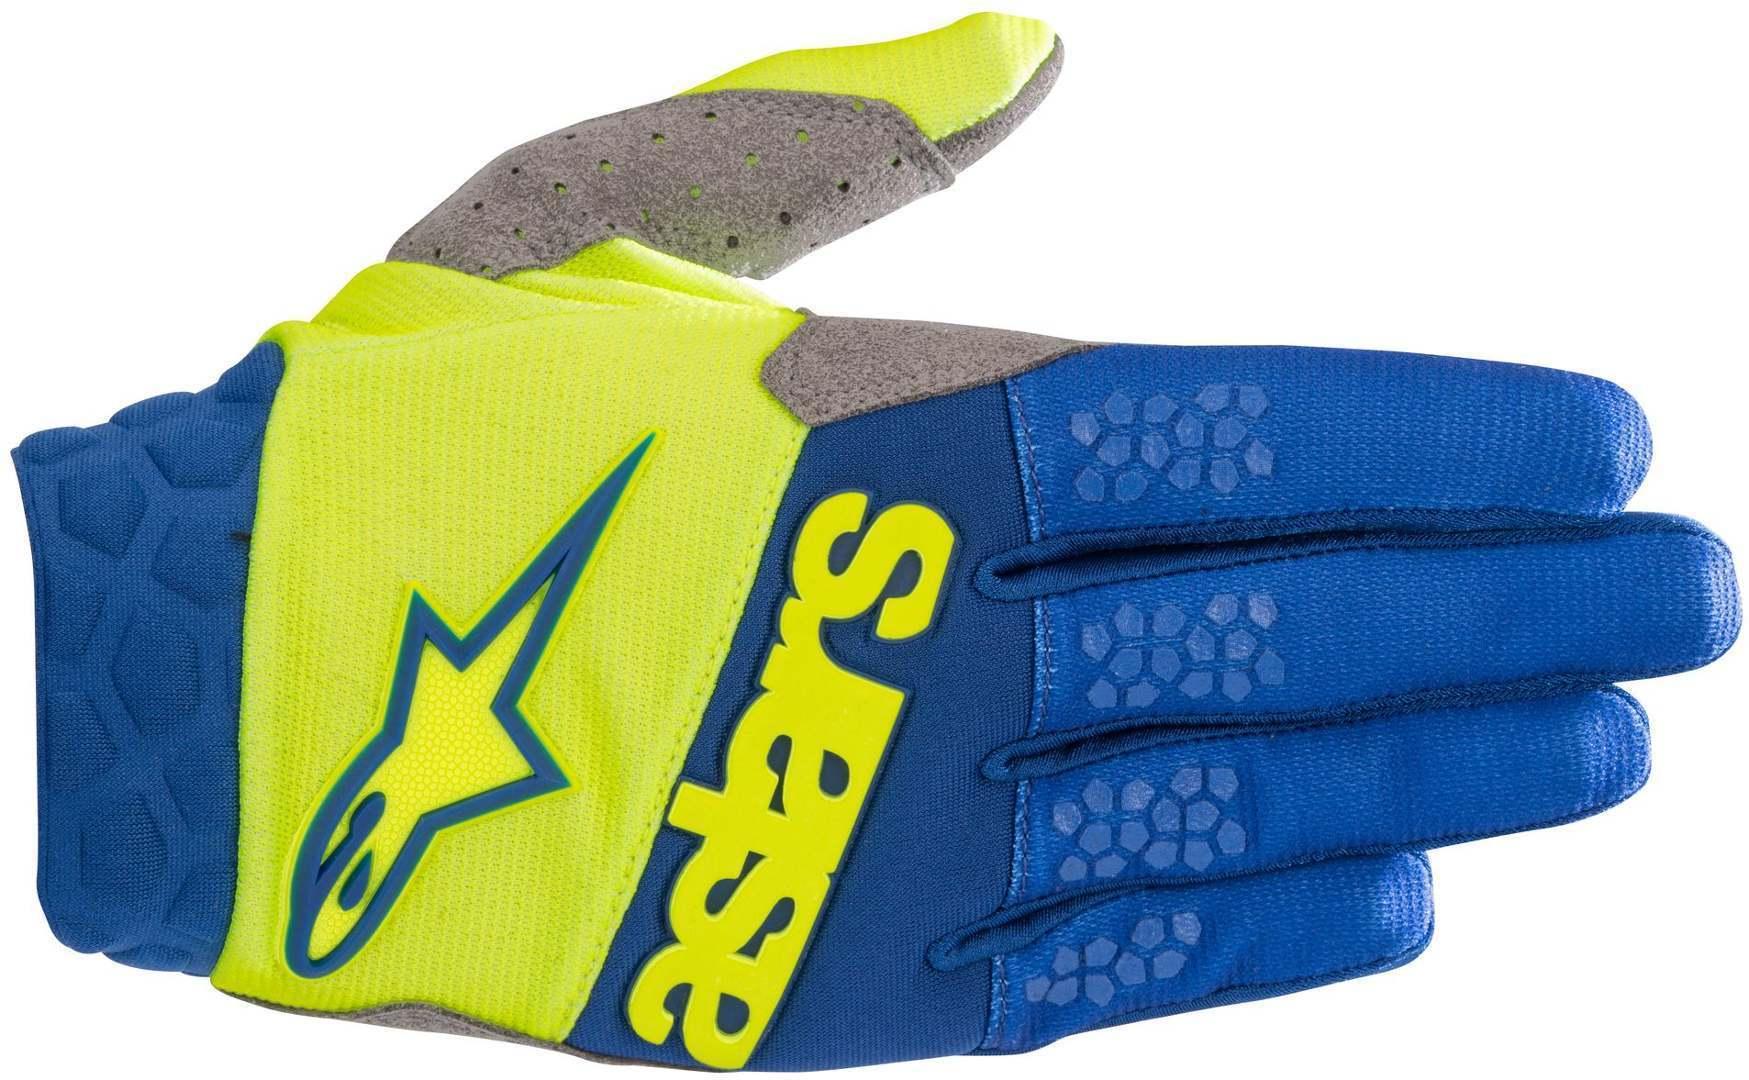 Alpinestars Racefend MX tekstil hansker M Blå Gul